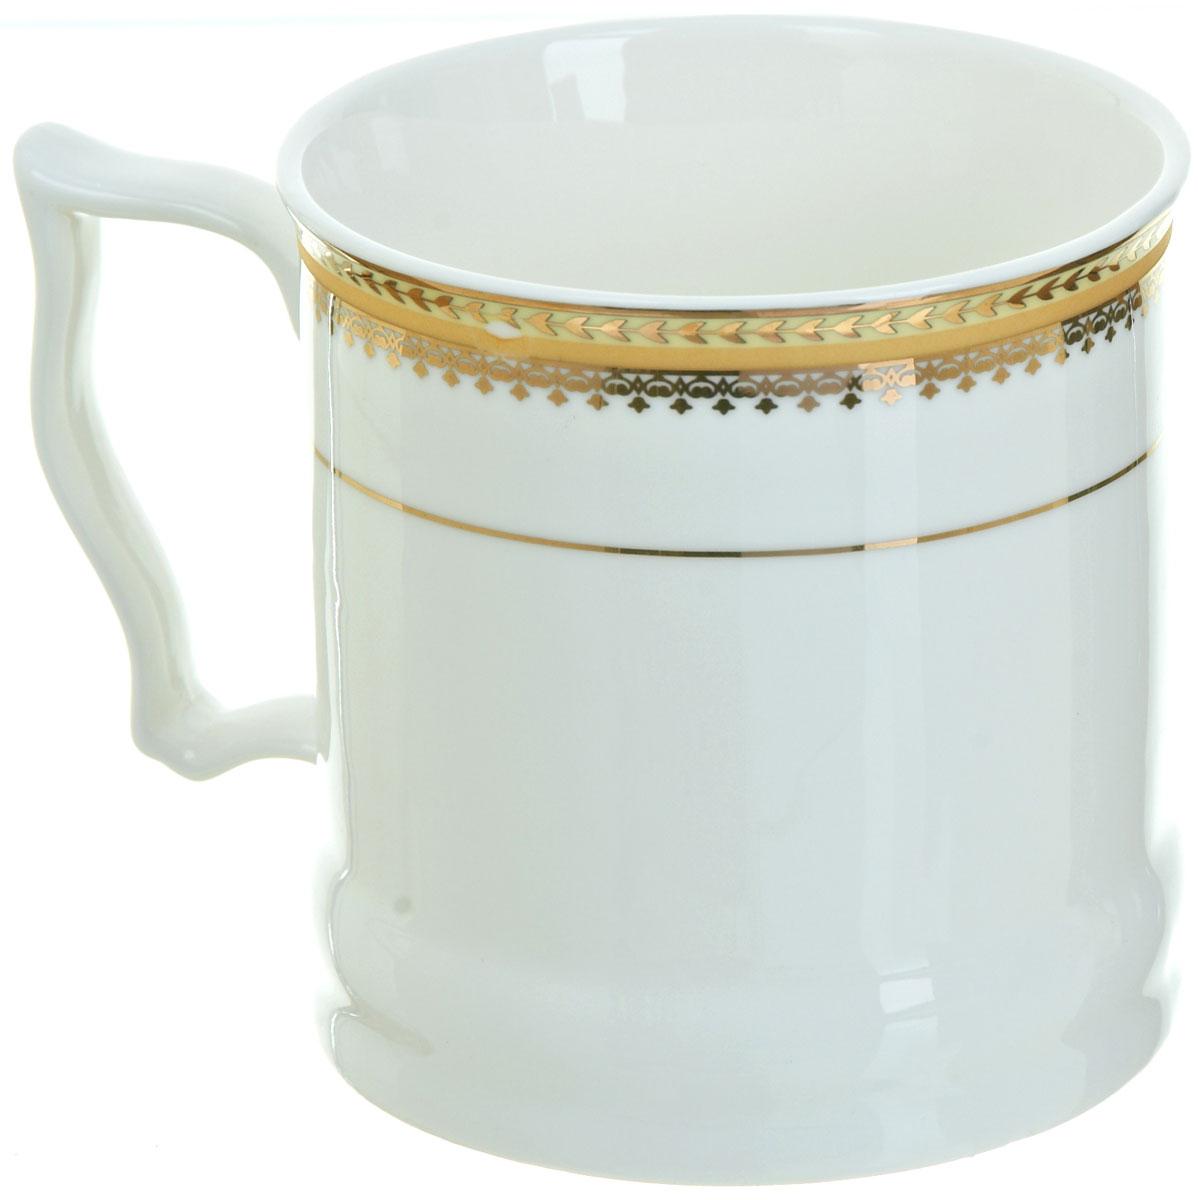 Кружка BHP Королевская кружка, 500 мл. M1870009115510Оригинальная кружка Best Home Porcelain, выполненная из высококачественного фарфора, сочетает в себе простой, утонченный дизайн с максимальной функциональностью. Оригинальность оформления придутся по вкусу тем, кто ценит индивидуальность.Можно использовать в посудомоечной машине.